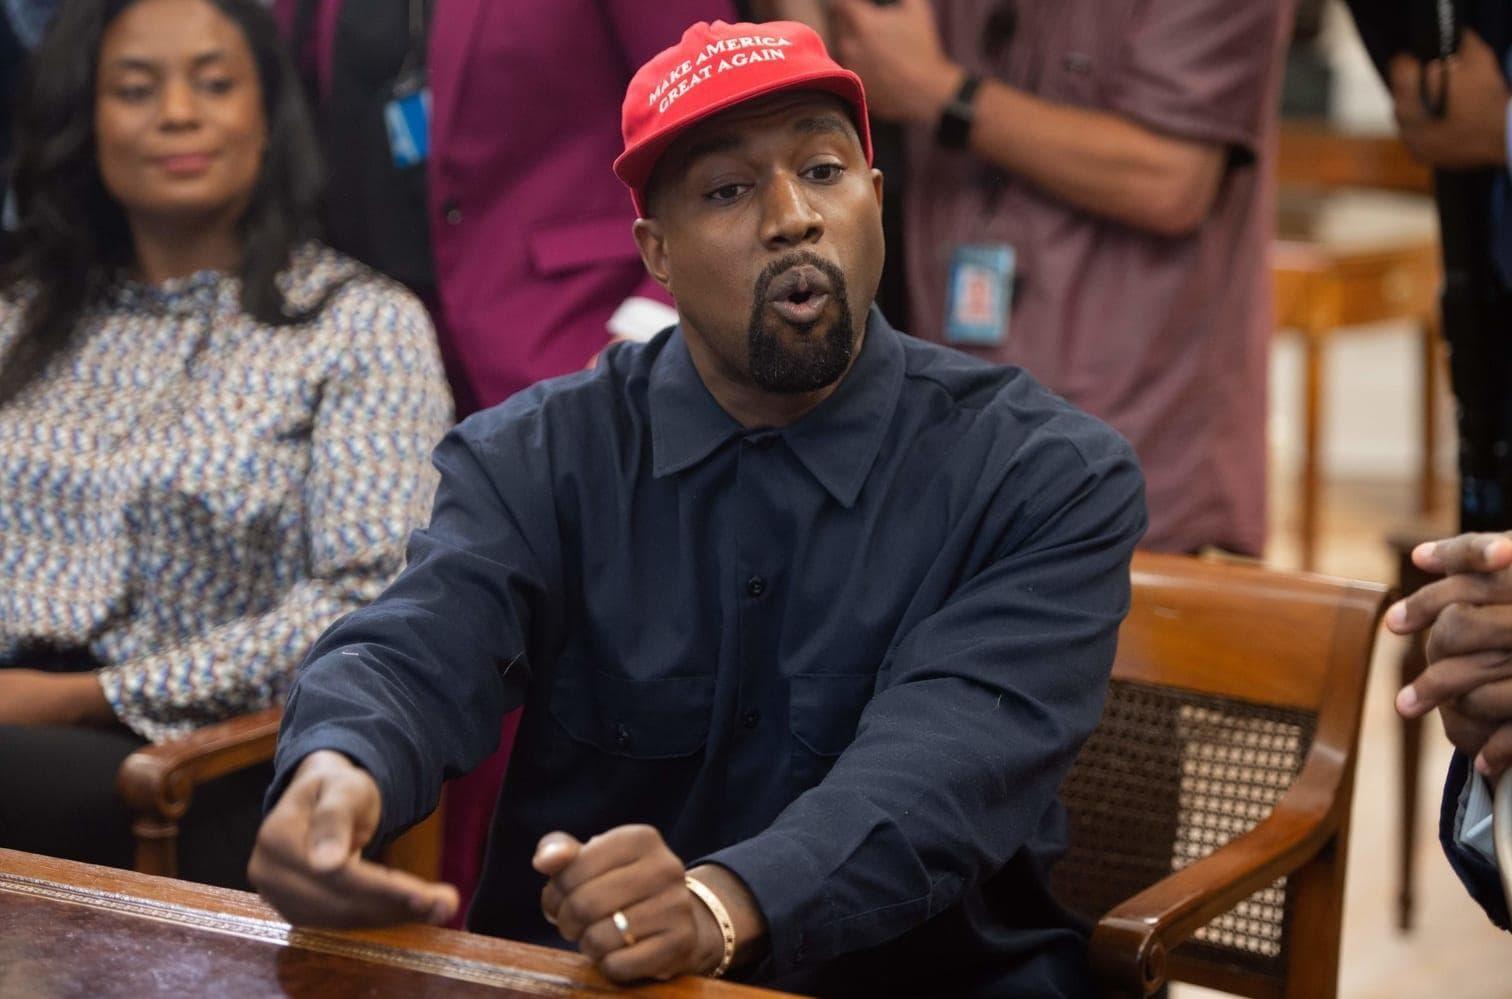 doch in Kanye West scheint Donald Trump einen treuen Fan zu haben. Ein Besuch des Rappers im Weißen Haus gerät zur denkwürdigen Show.</p> Foto: AFP/Saul Loeb